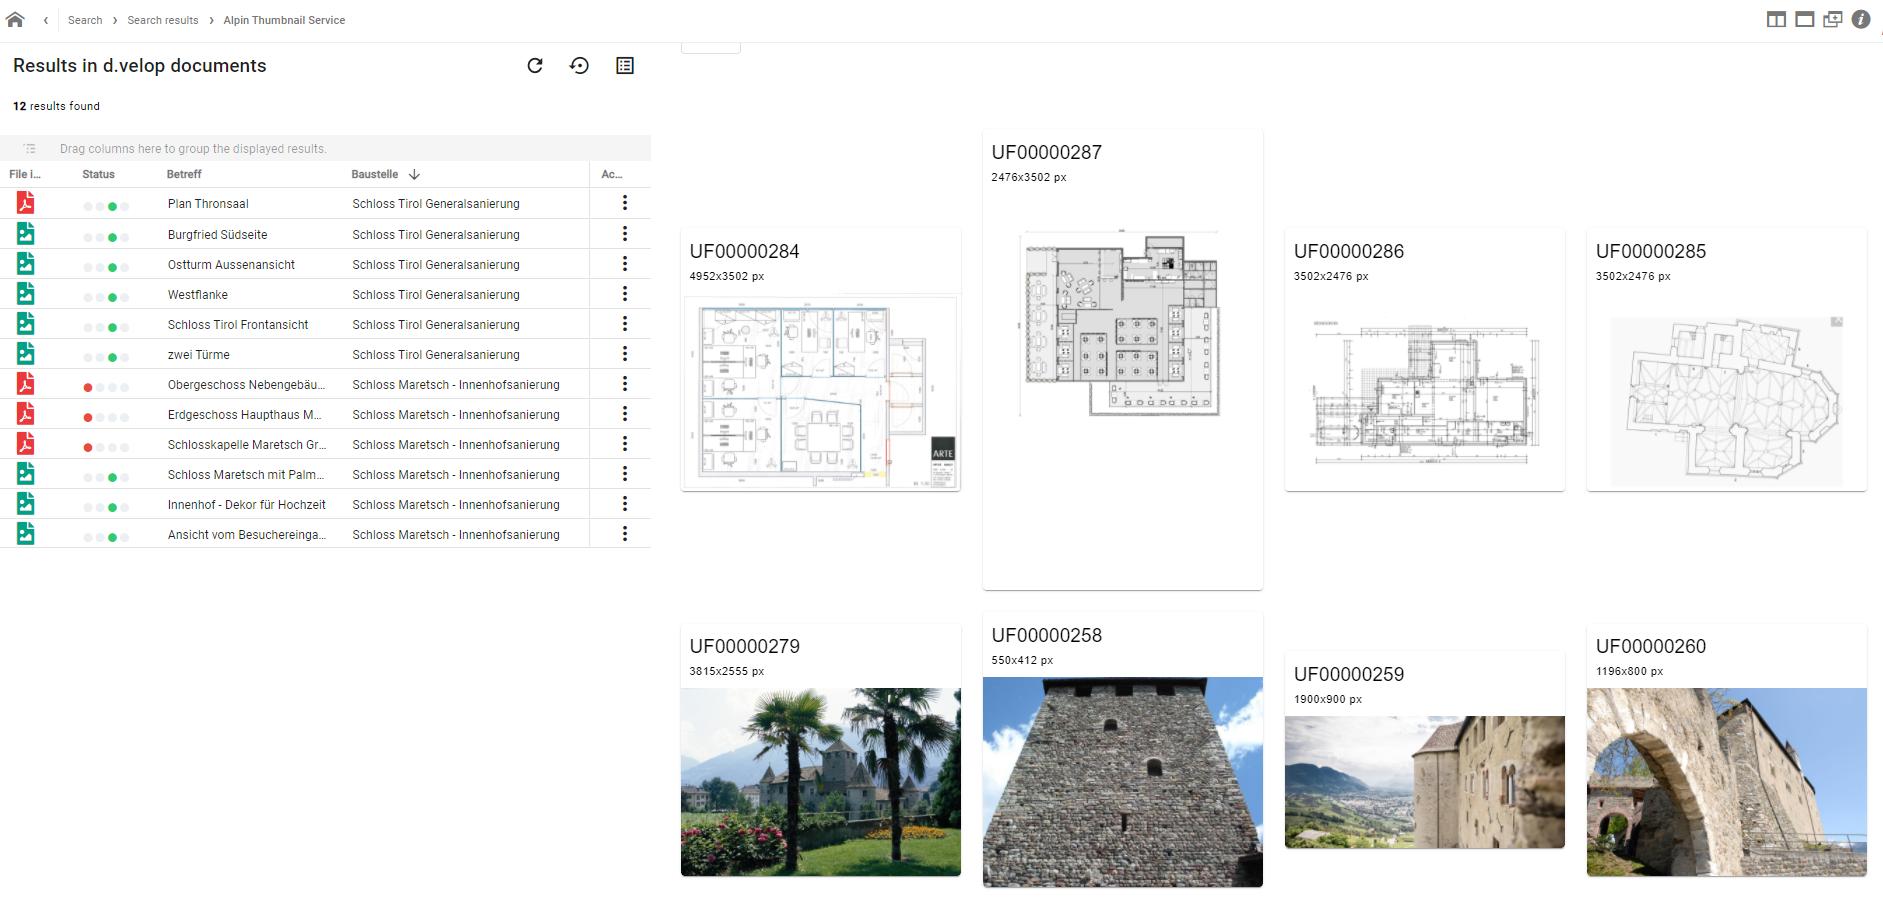 Thumbnail-App for d.velop documents / d.3ecm